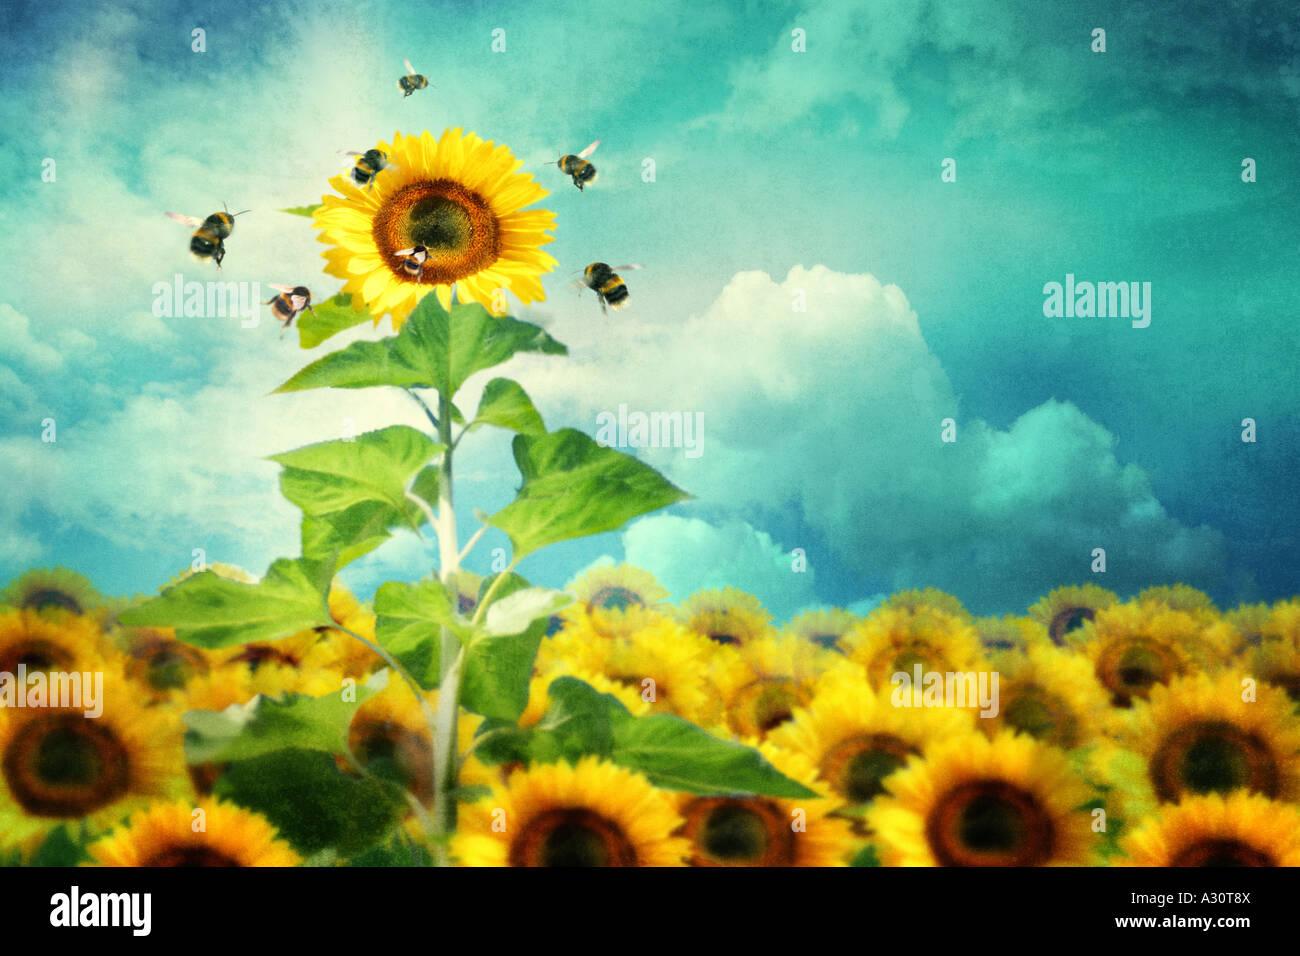 Concepto de imagen un alto prestigio de girasol y atraer más abejas Imagen De Stock